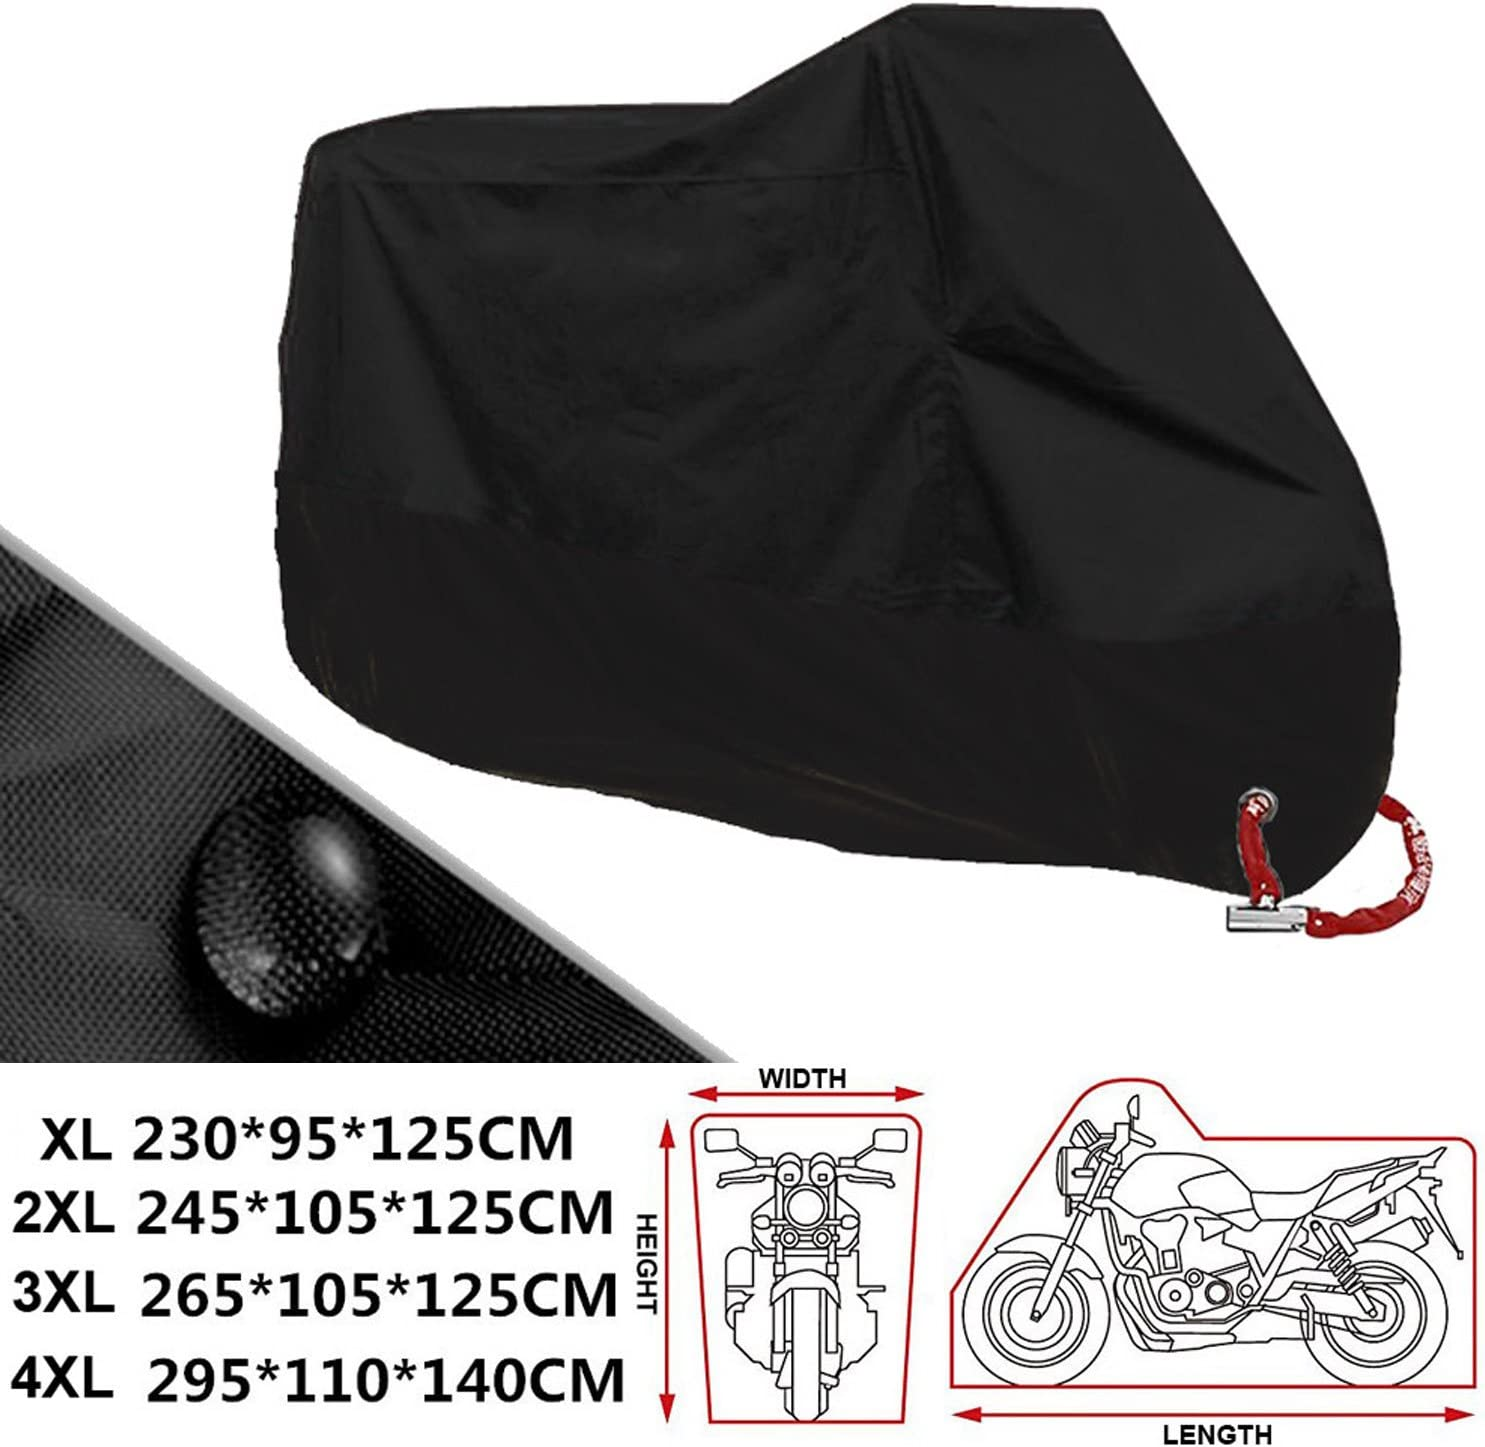 ANFTOP Motocicleta Funda para Moto 4XL Negro Color Agujeros de la Cerradura Cubierta UV Polvo Protectora Impermeable de Cubierta - XXXXL